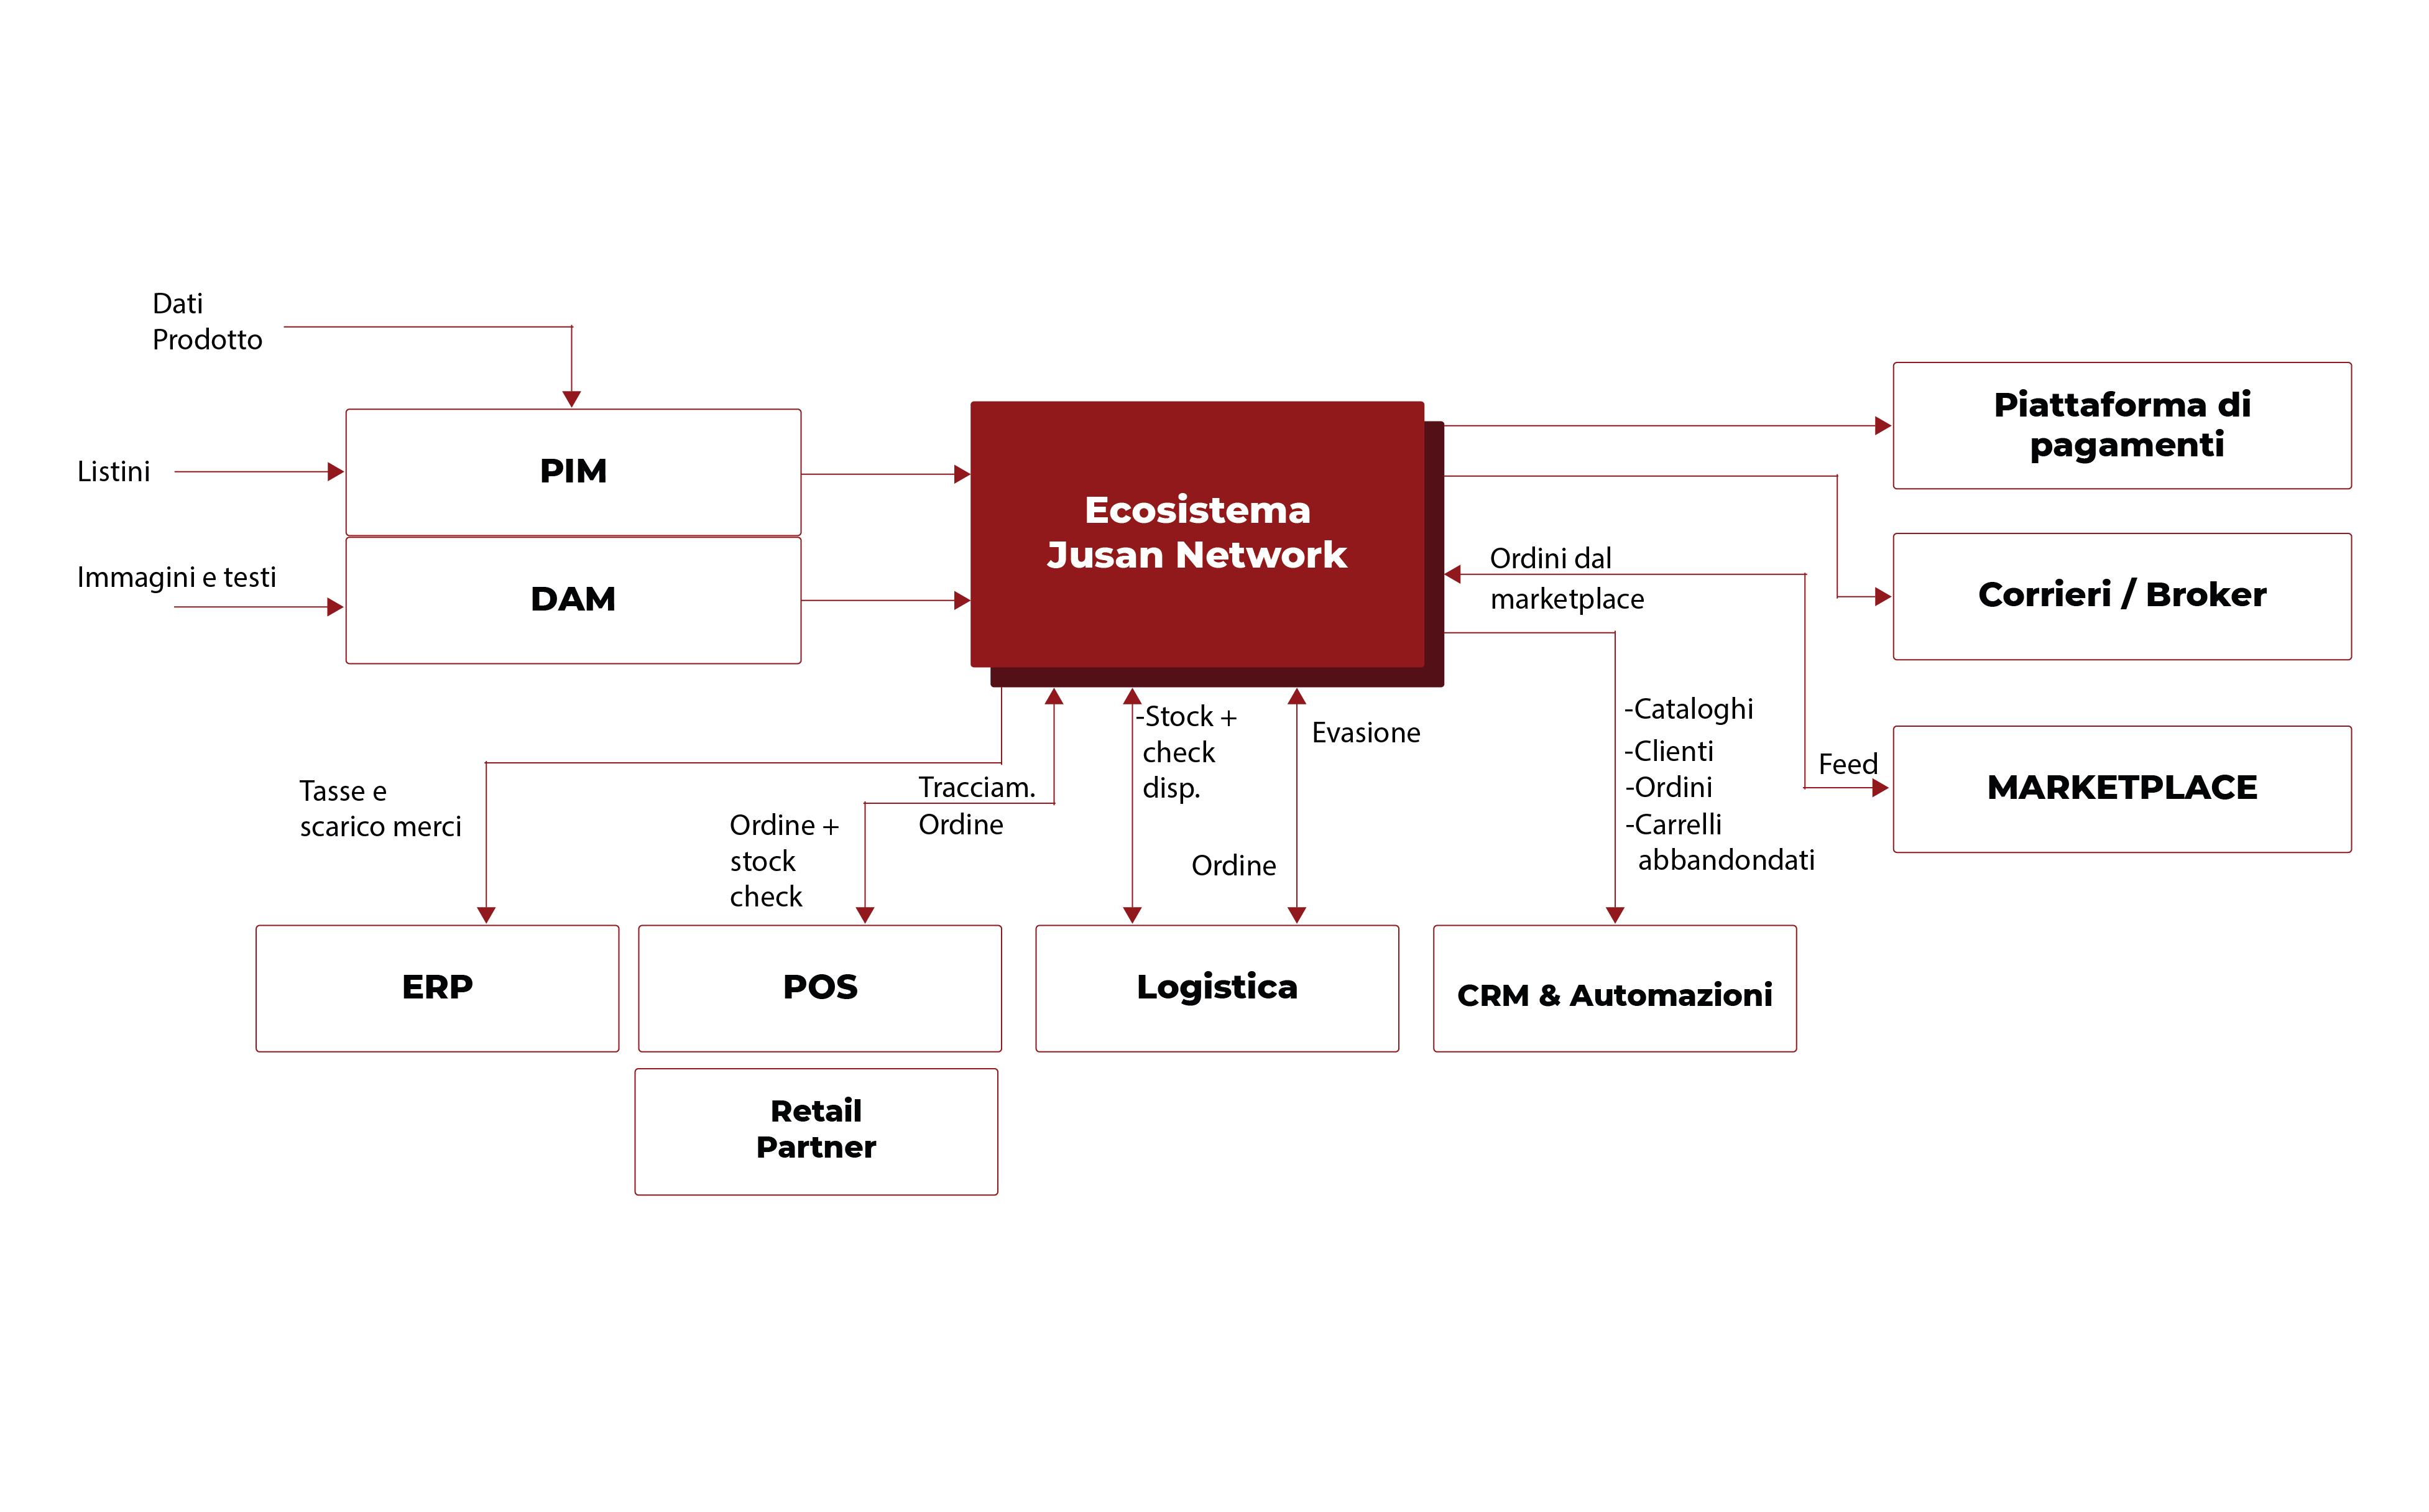 Jusan Network Servizi - Consulenze strategiche sull'e-commerce